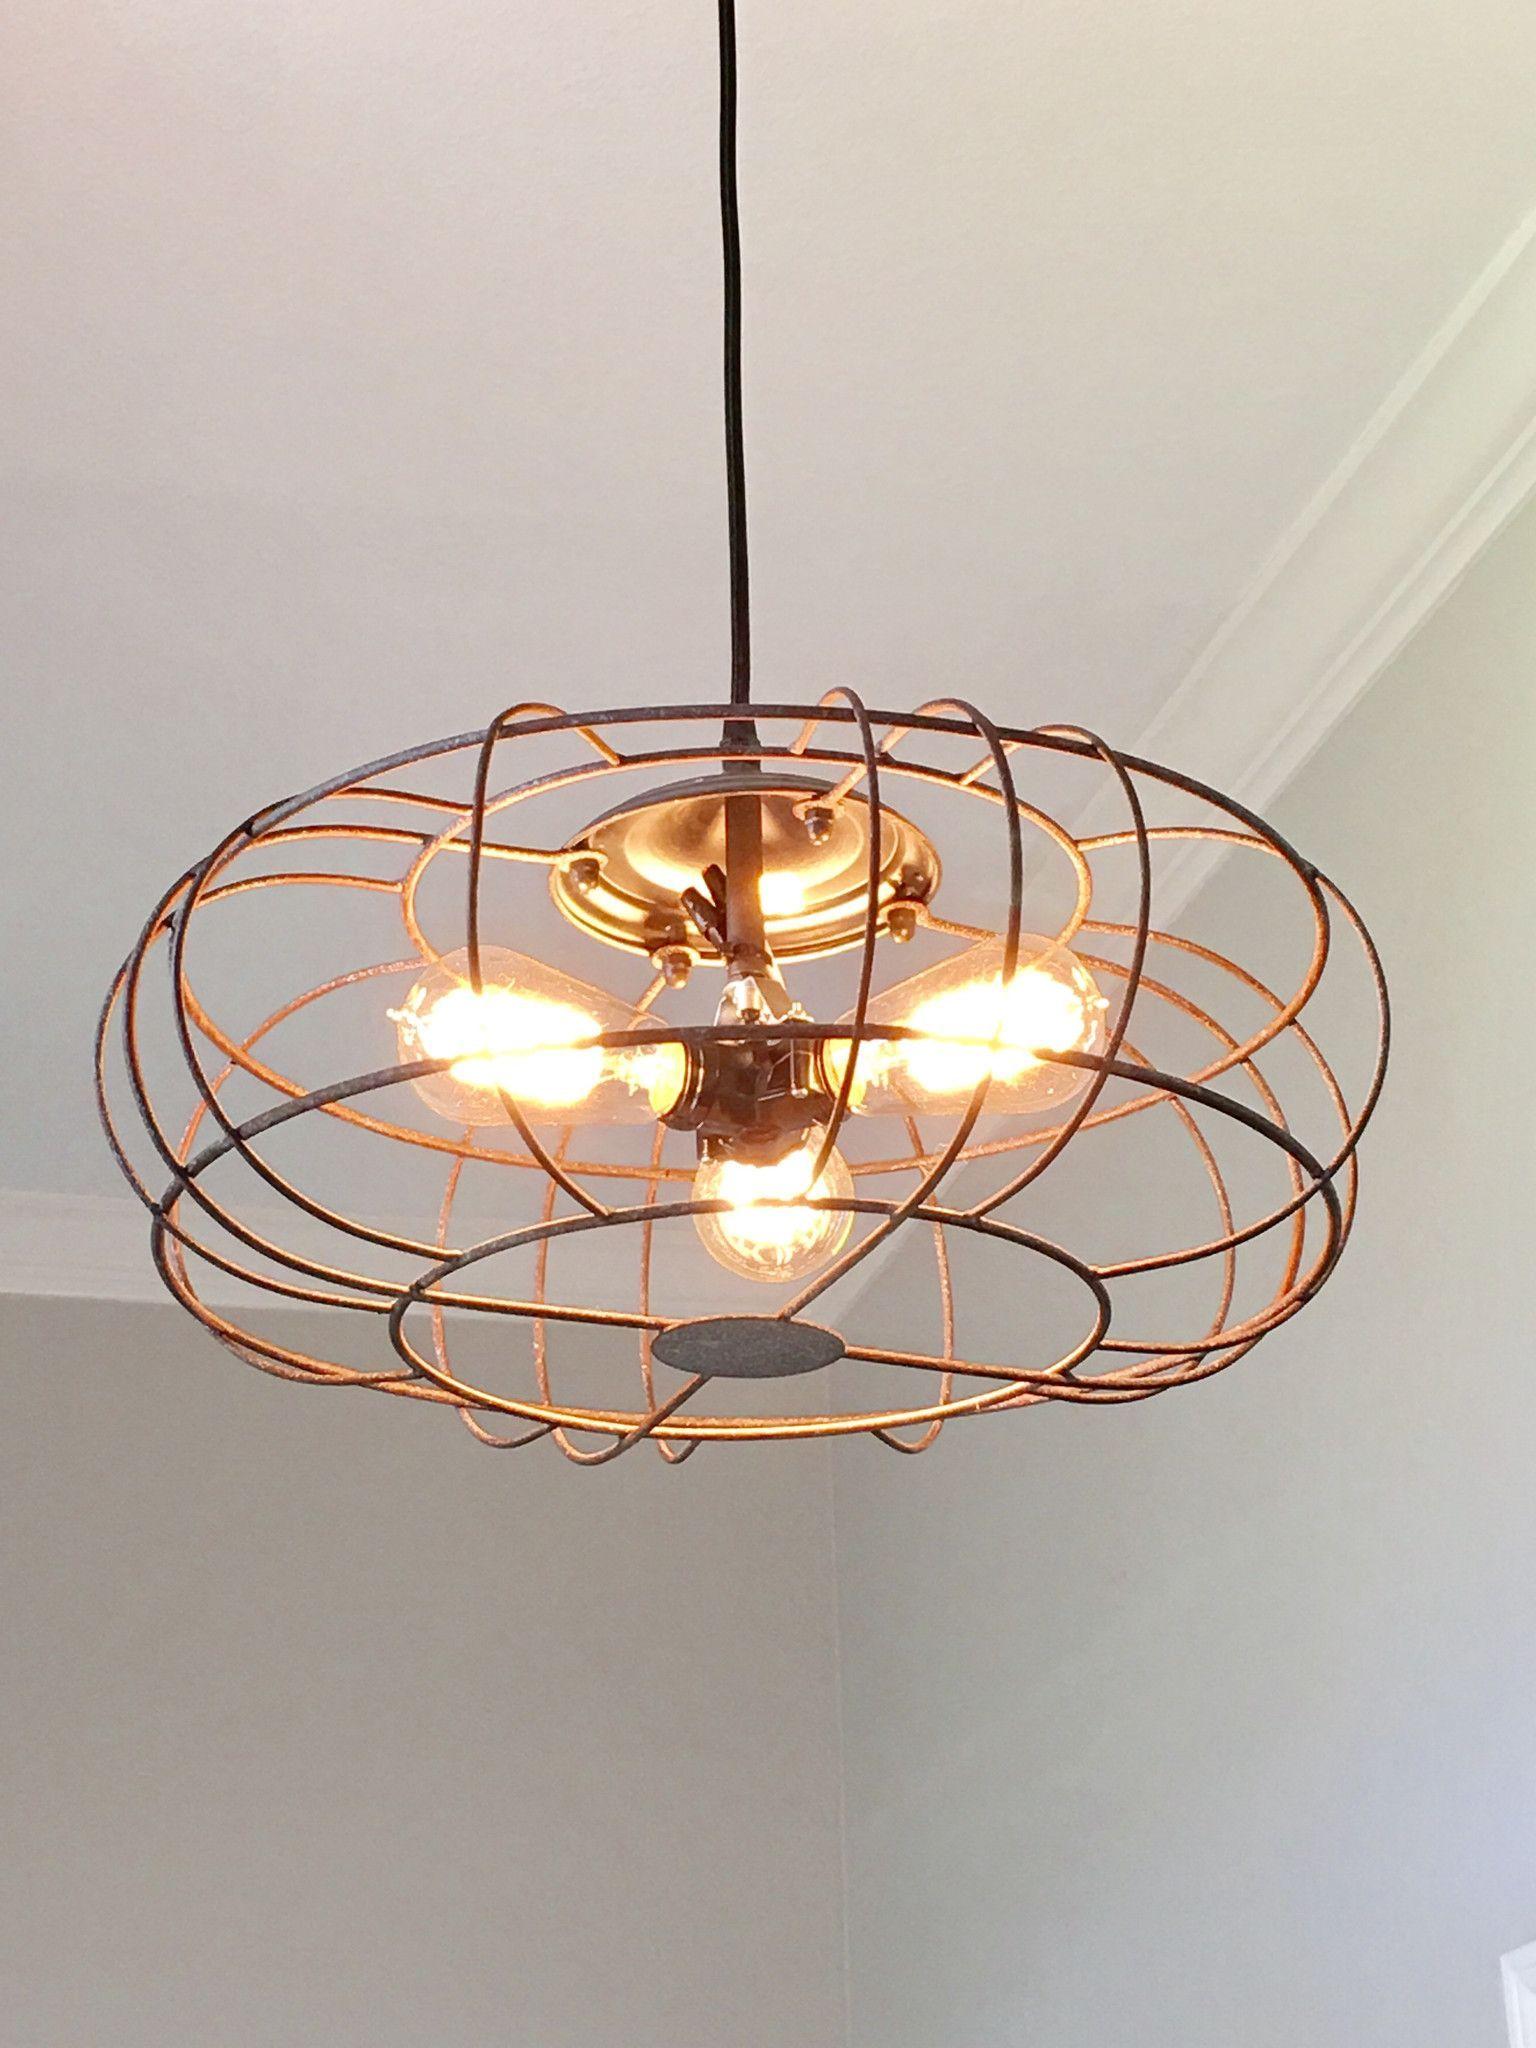 Industrial metal fan light